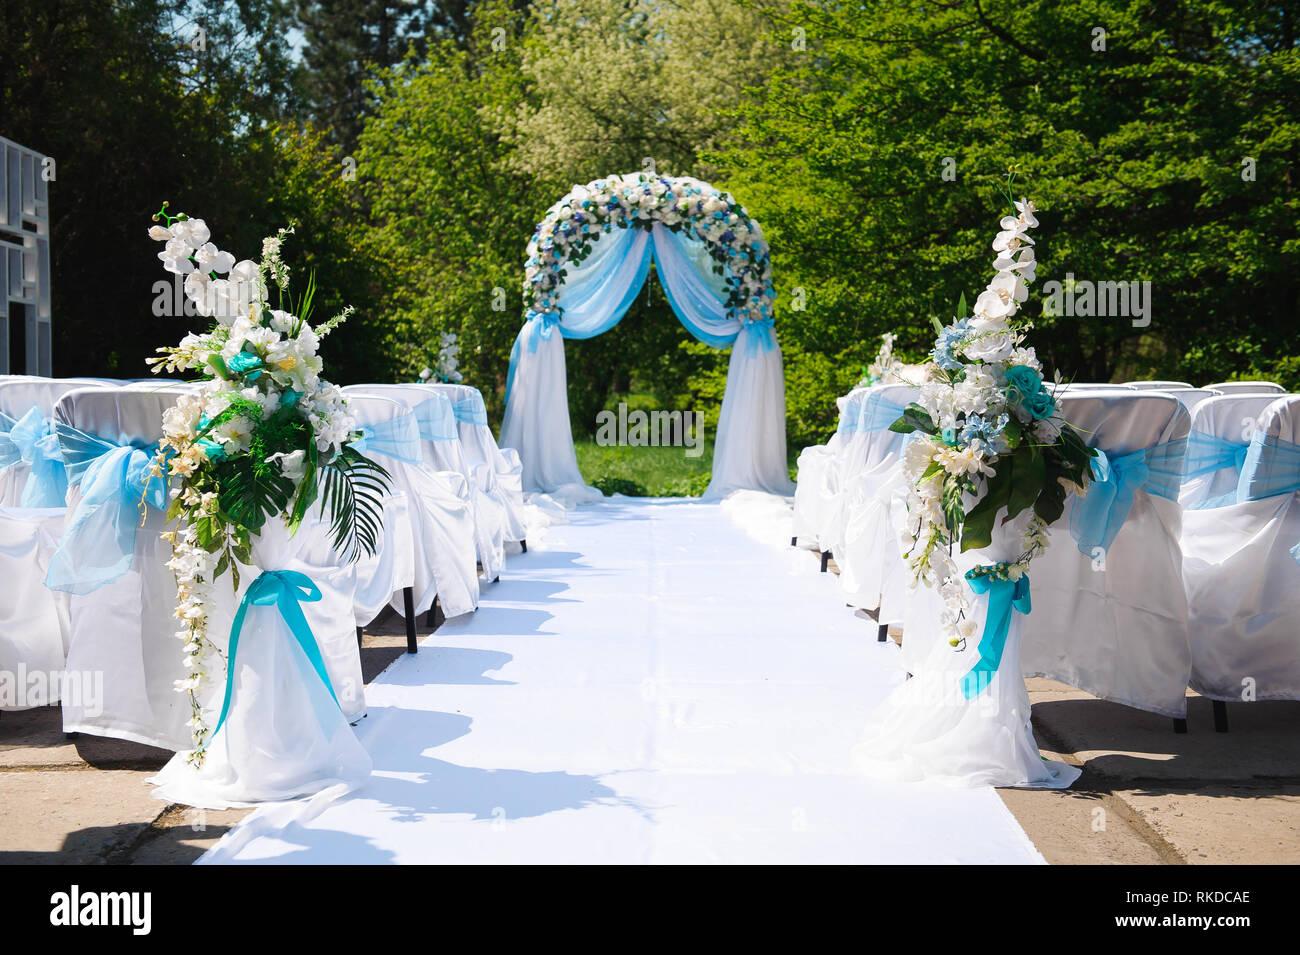 Decorazioni per matrimoni a cerimonia, arredamento bellissimo, wedding arch.